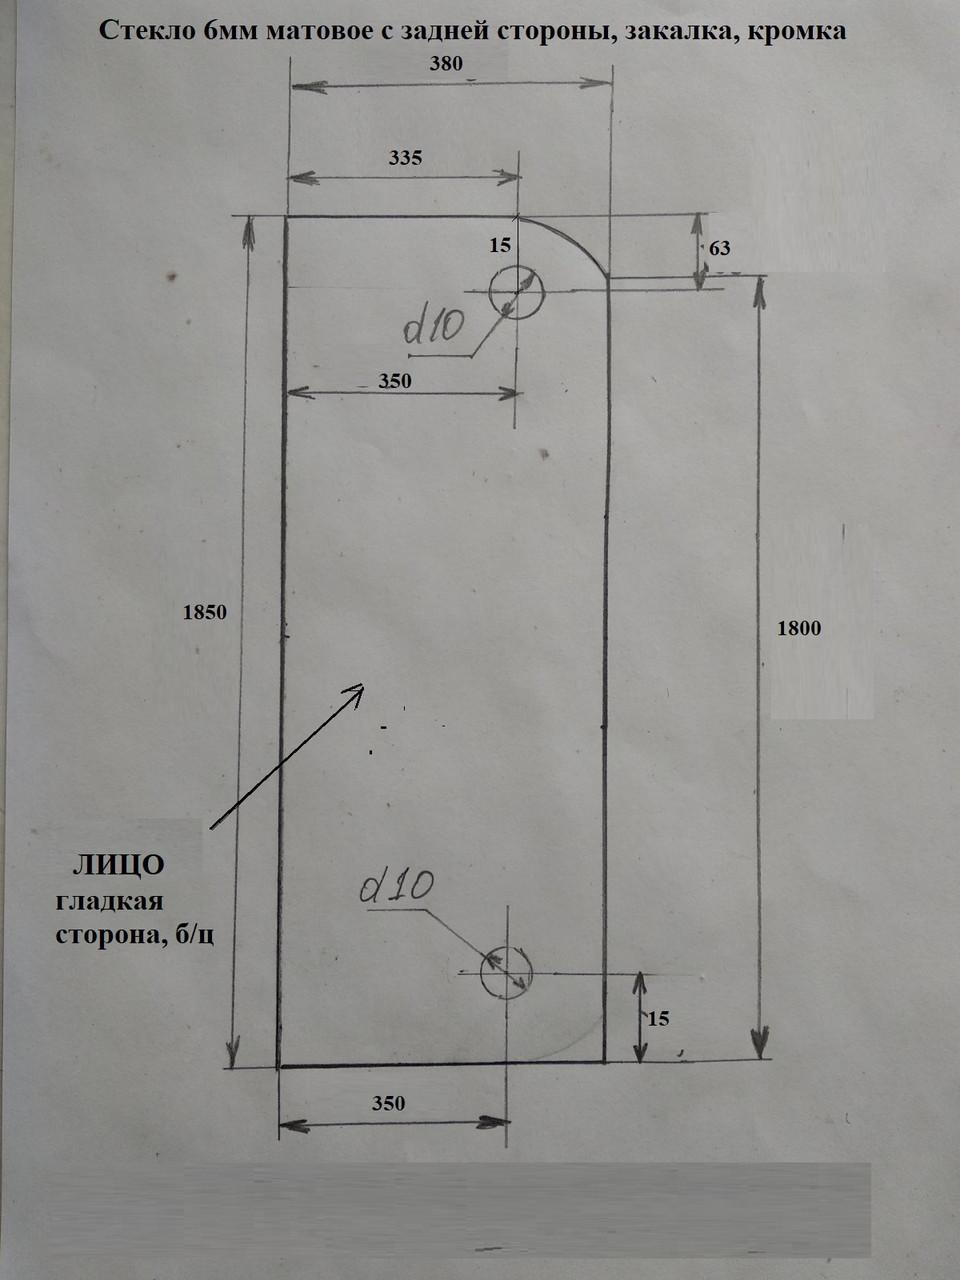 Закаленное стекло для душа матовое 6мм, размеры 1850*380мм